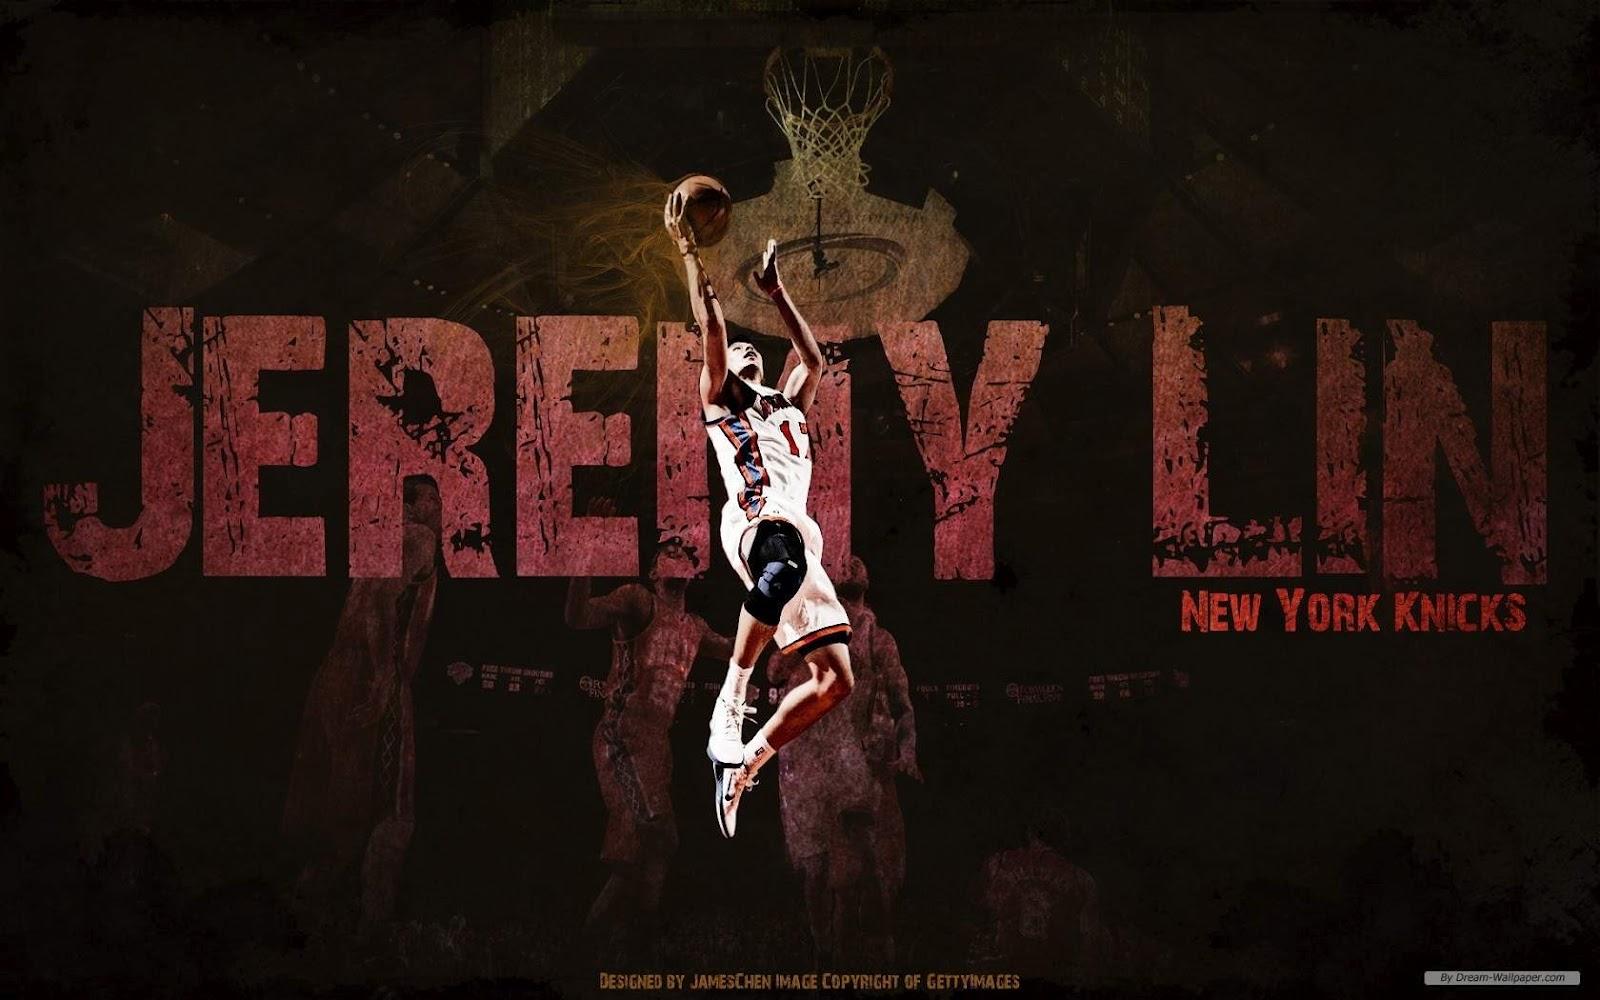 http://4.bp.blogspot.com/-KqDpzdv53X4/UAOx_-A2F1I/AAAAAAAAFto/Hirf5Xtpz_g/s1600/Top+Jeremy+Lin+wallpapers+-+Basketball+Wallpapers.jpg